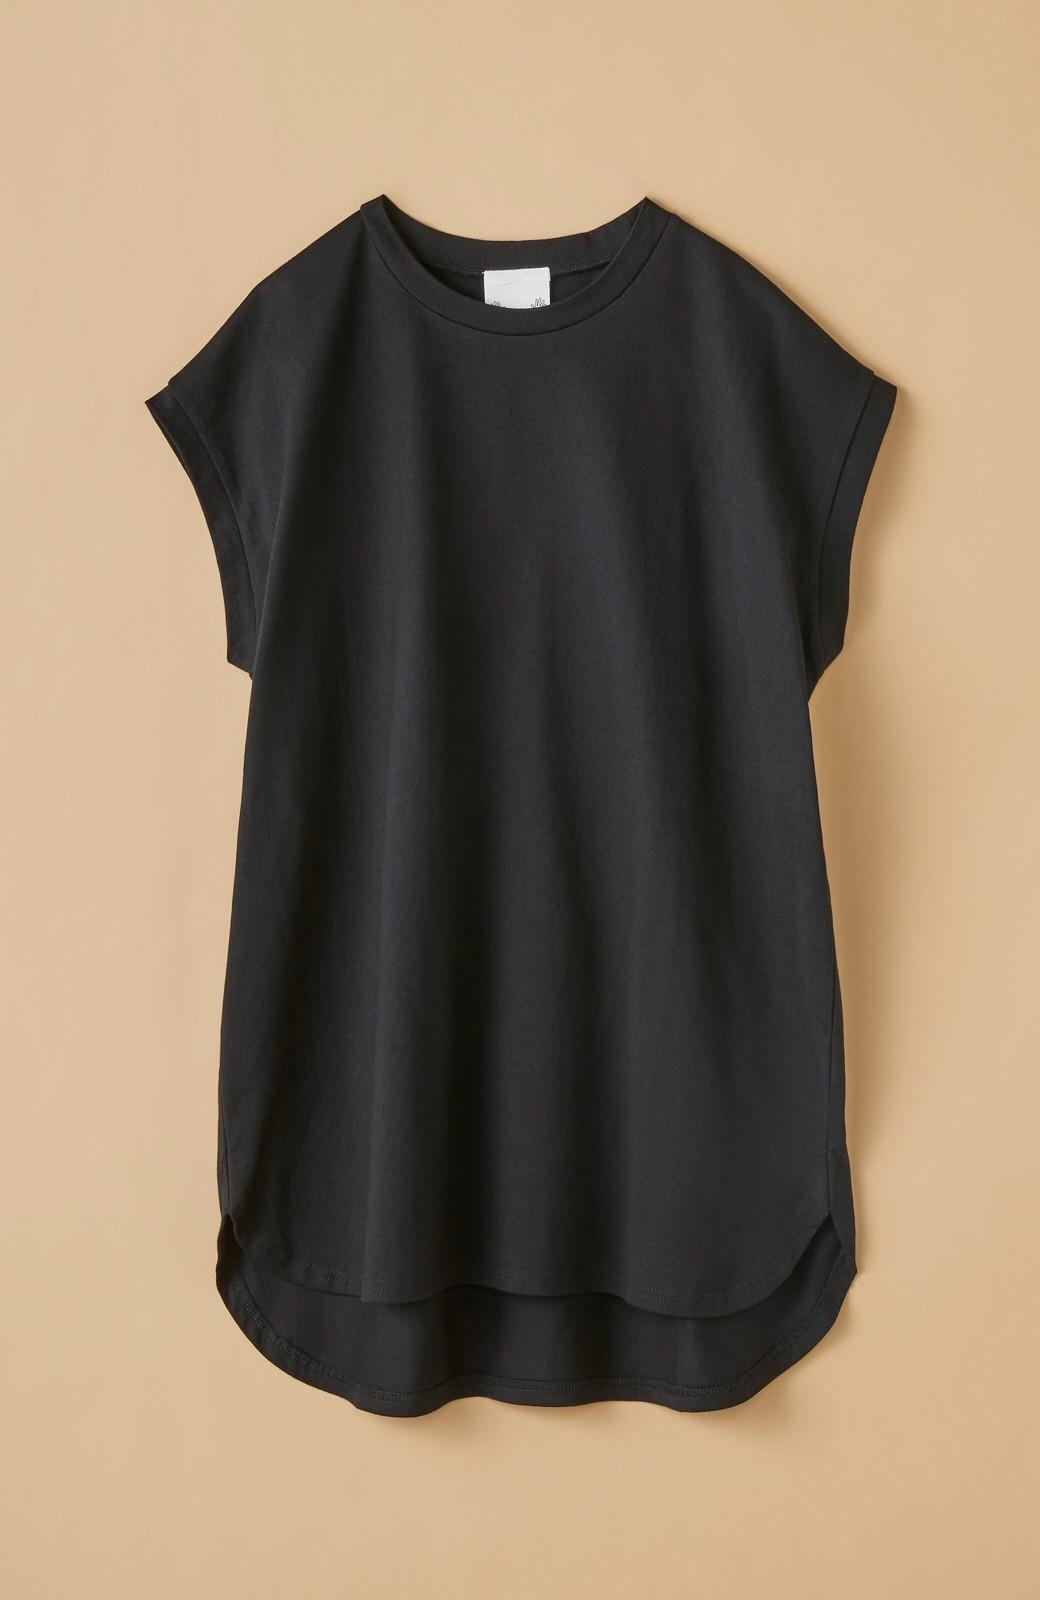 haco! 大人のTシャツこれならいける?!ちょい袖でかっこよく見せるTシャツ by que made me + PBP <ブラック>の商品写真19